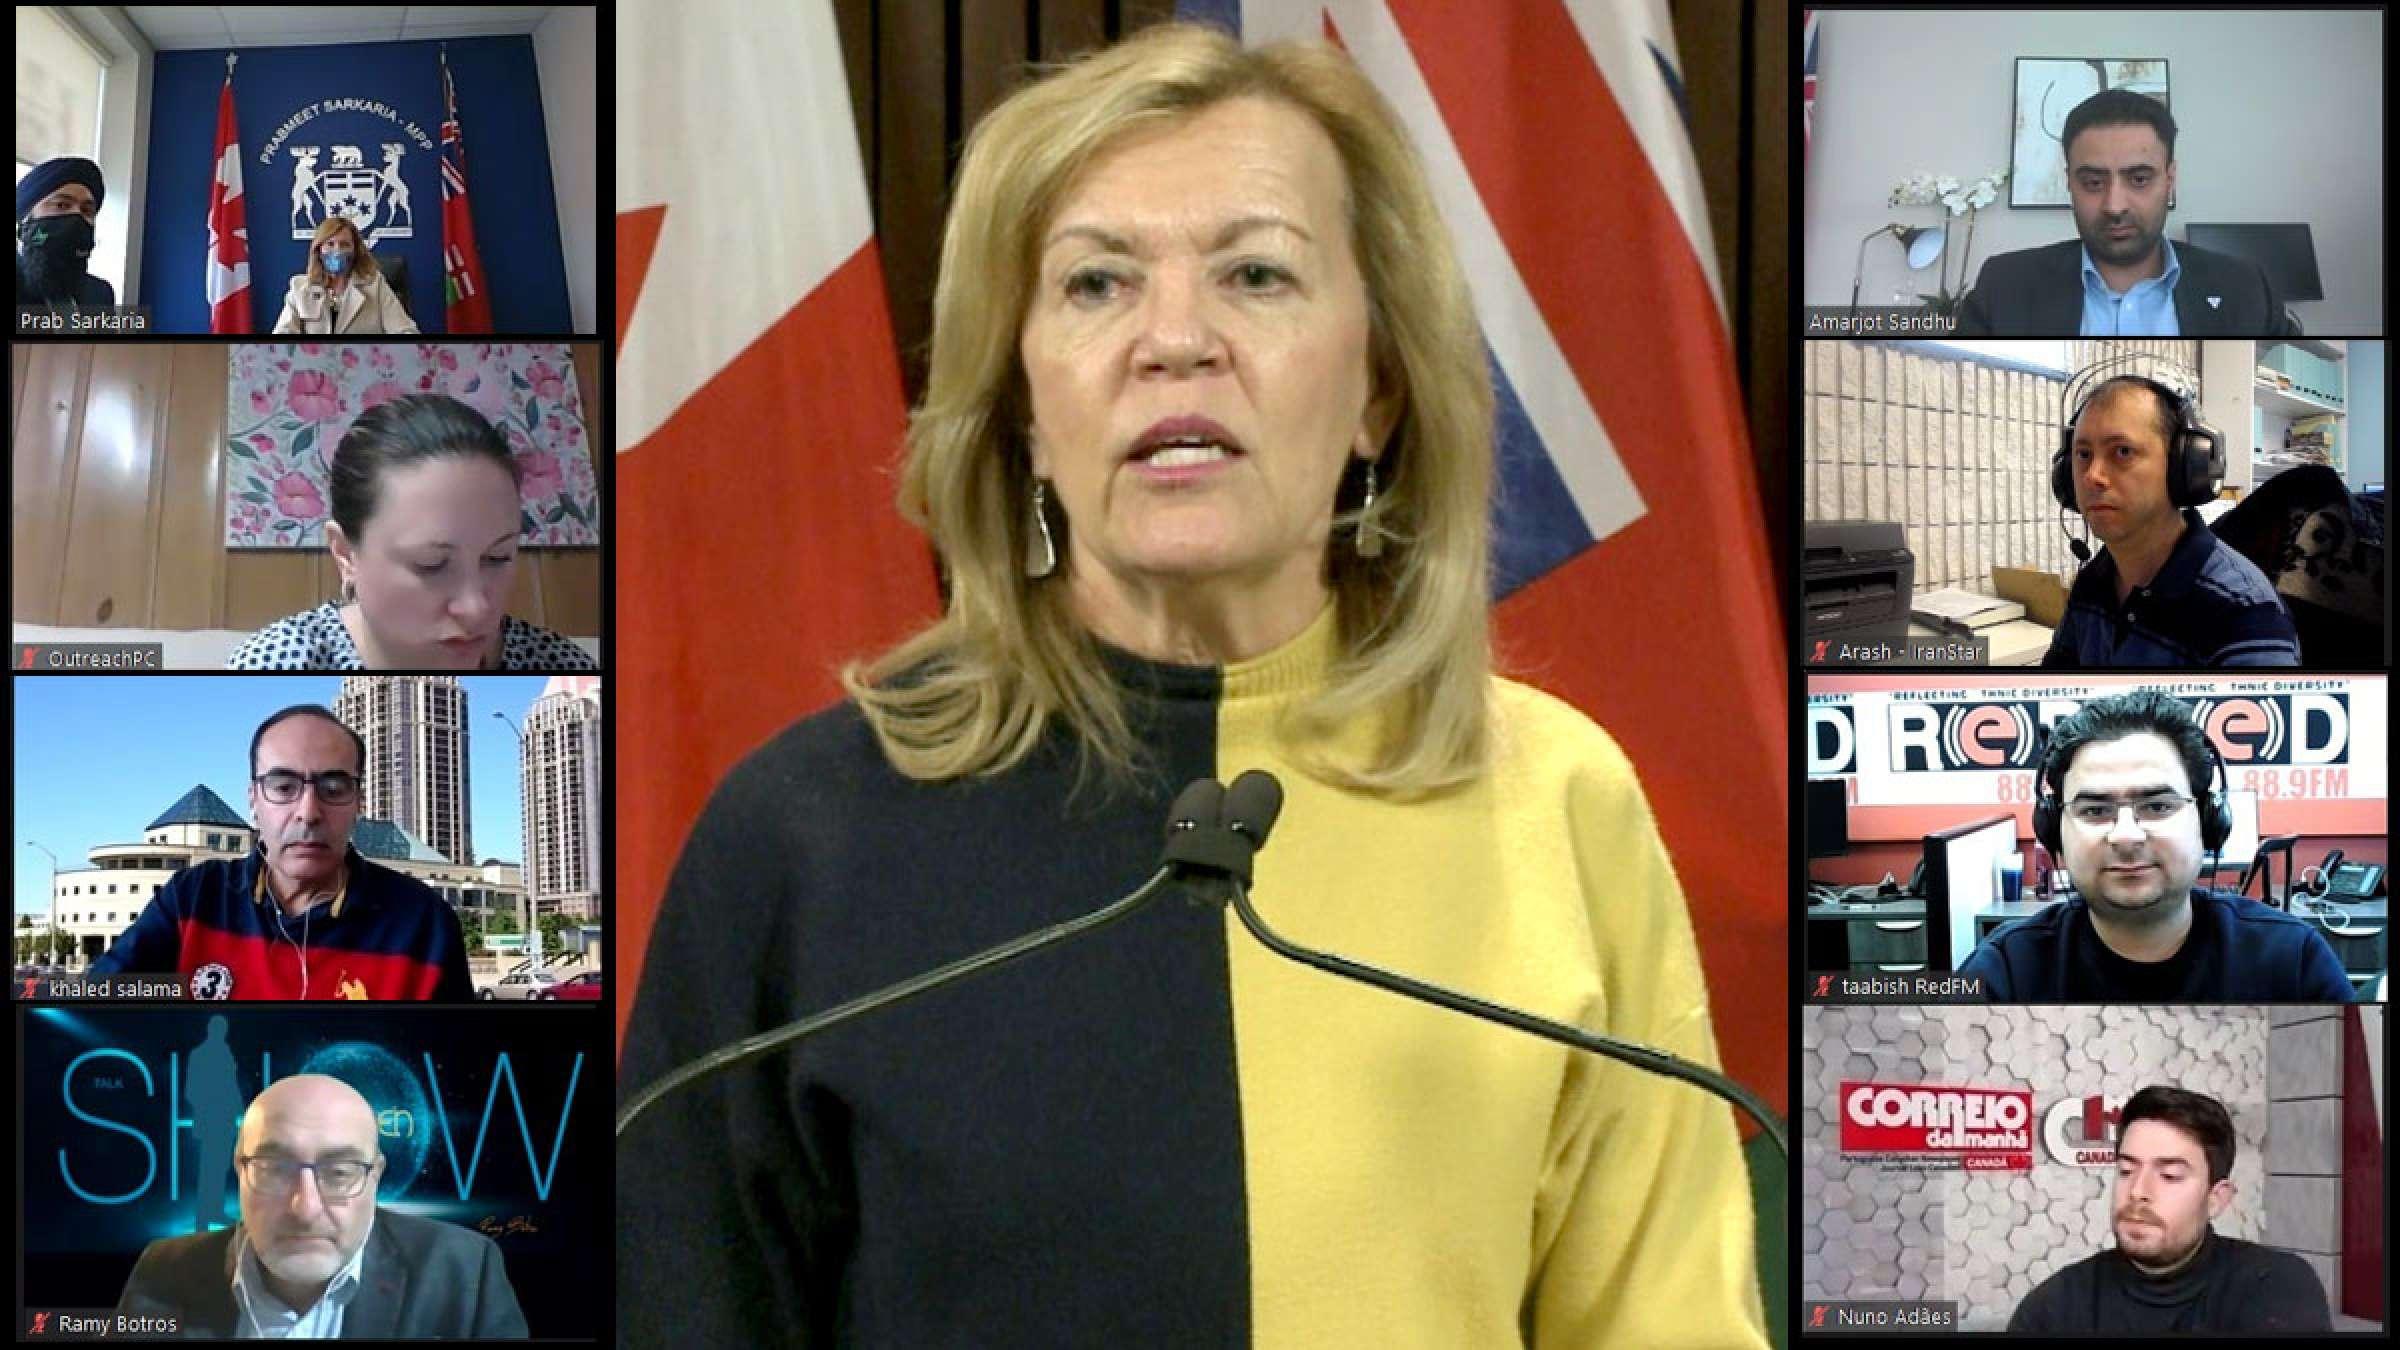 اخبار-تورنتو-وزیر-پاسخ-پزشکی-بهداشت-انتاریو-بودجه-بیمارستان-برمتون-کرونا-واکسن